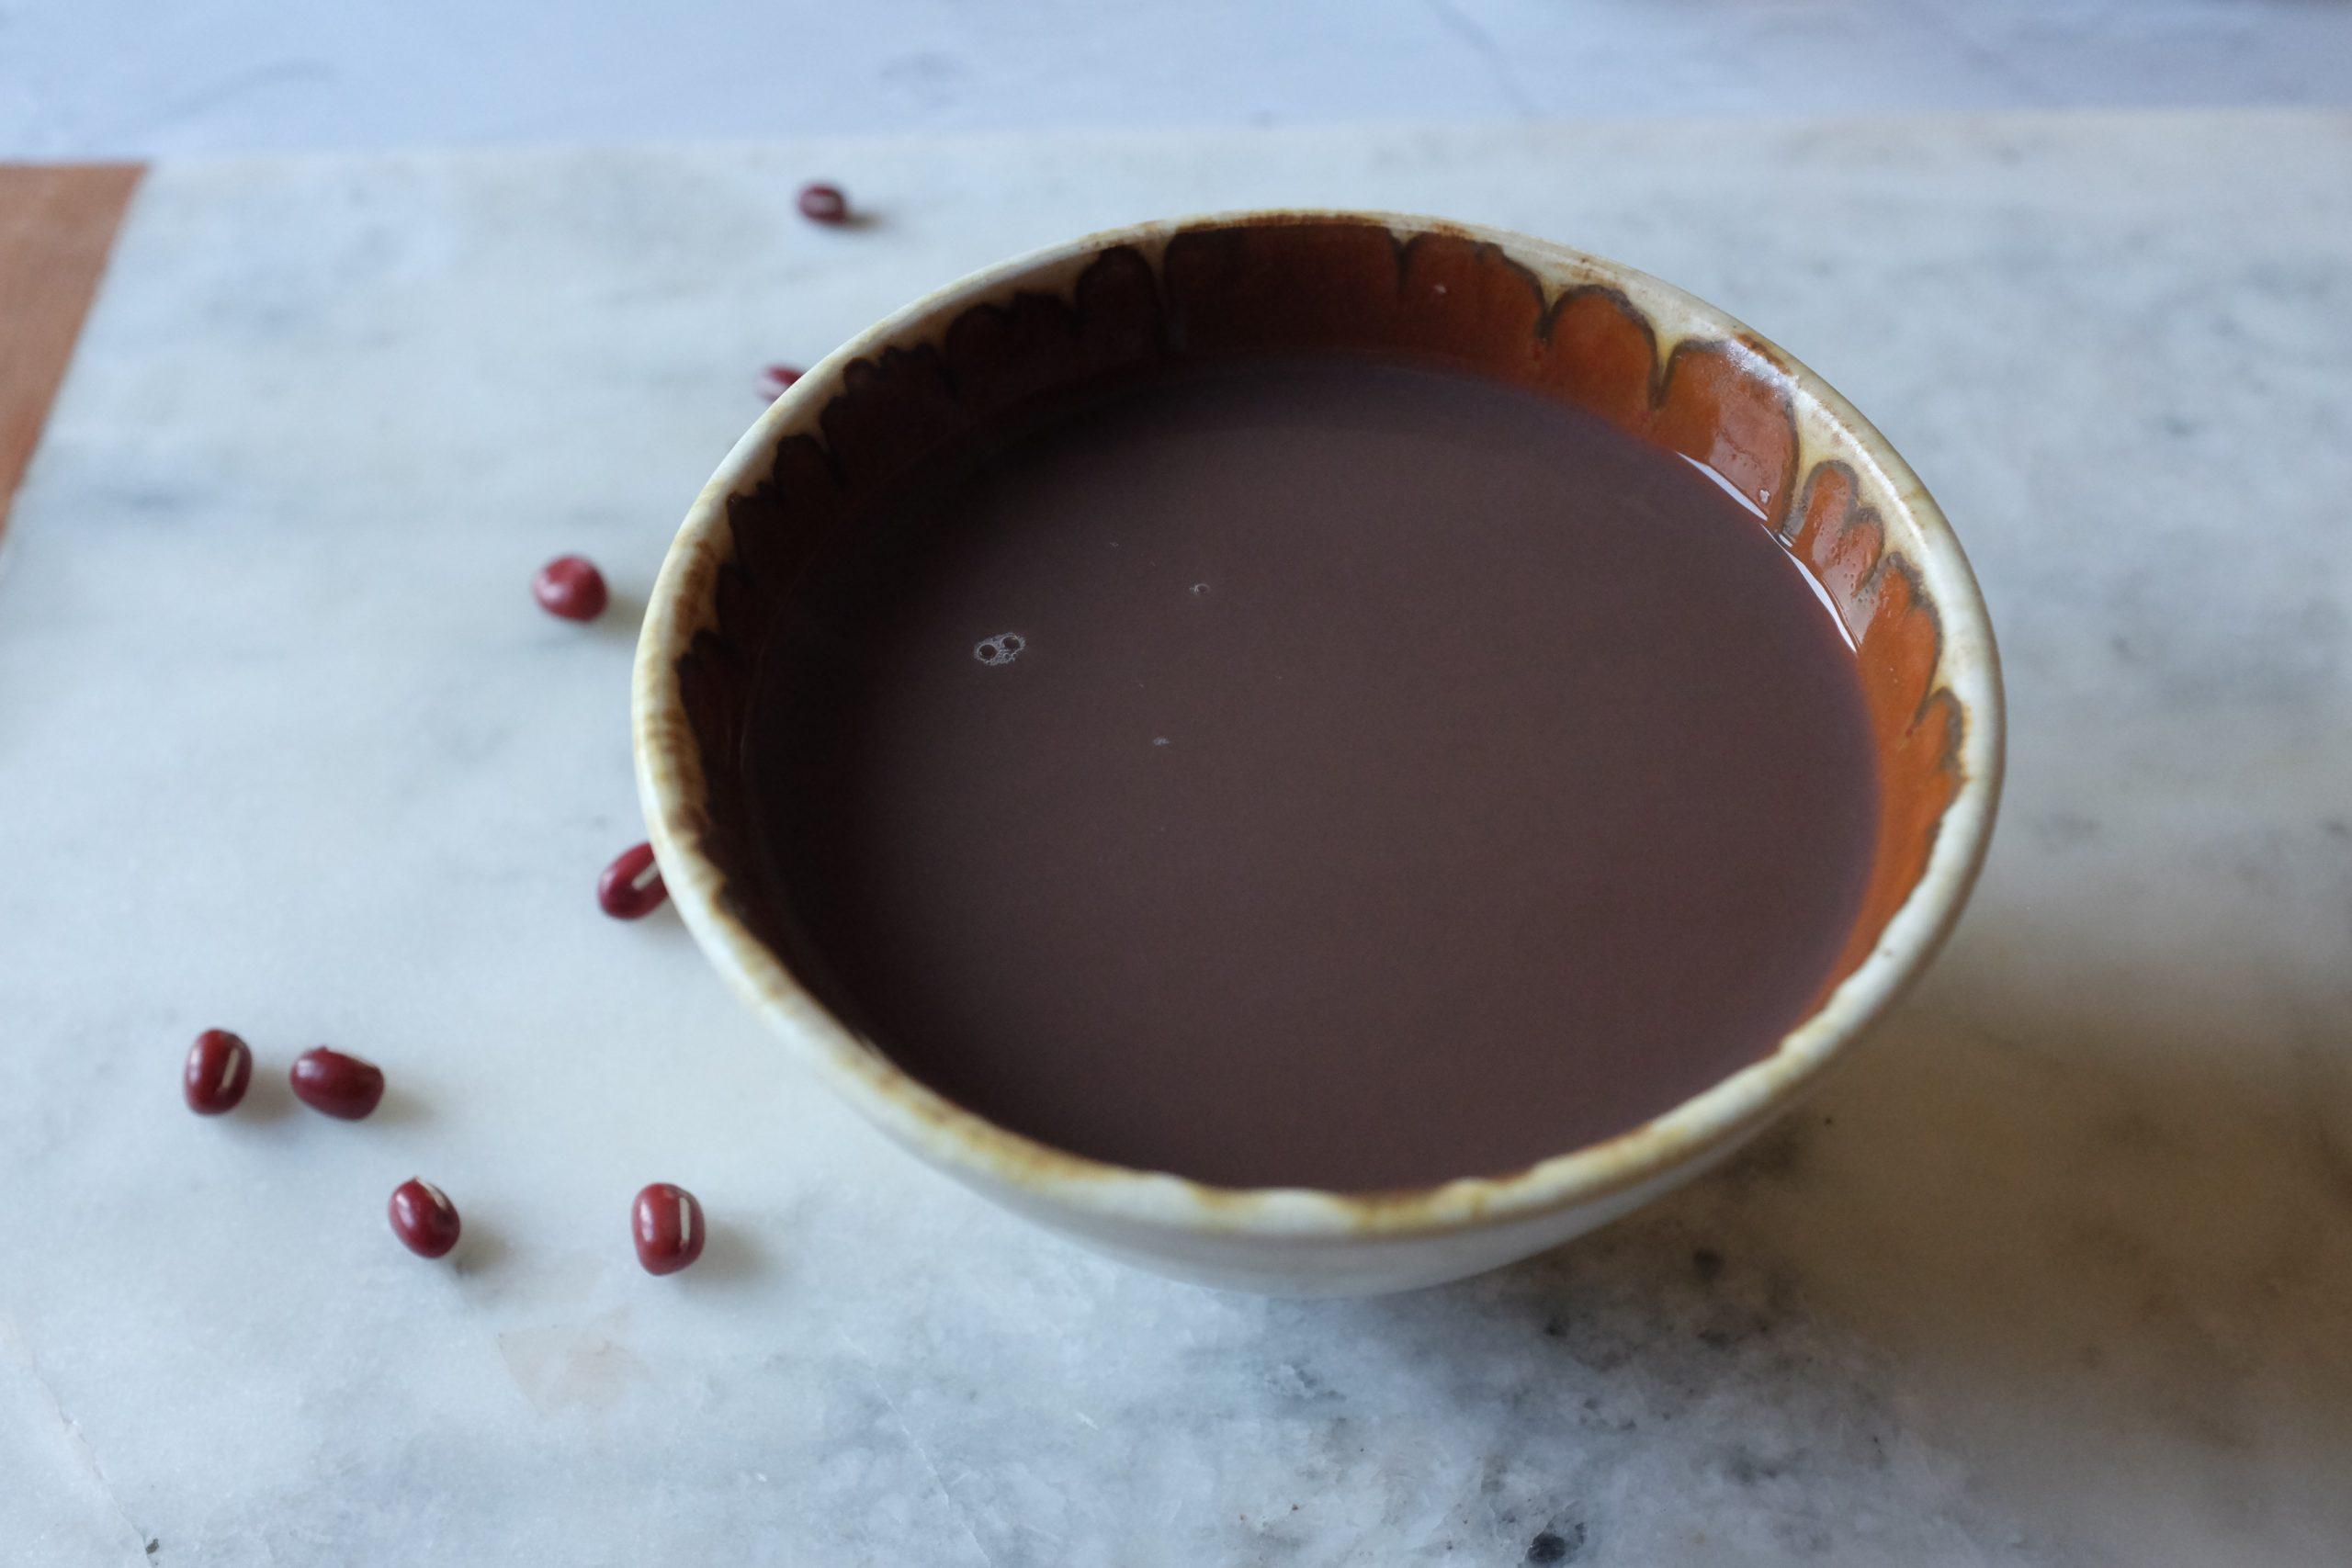 La puoi usare come lubrificante quando prepari il purè di fagioli con il frullatore nel prossimo passo. Quest'acqua la puoi anche bere come una bevanda sana.